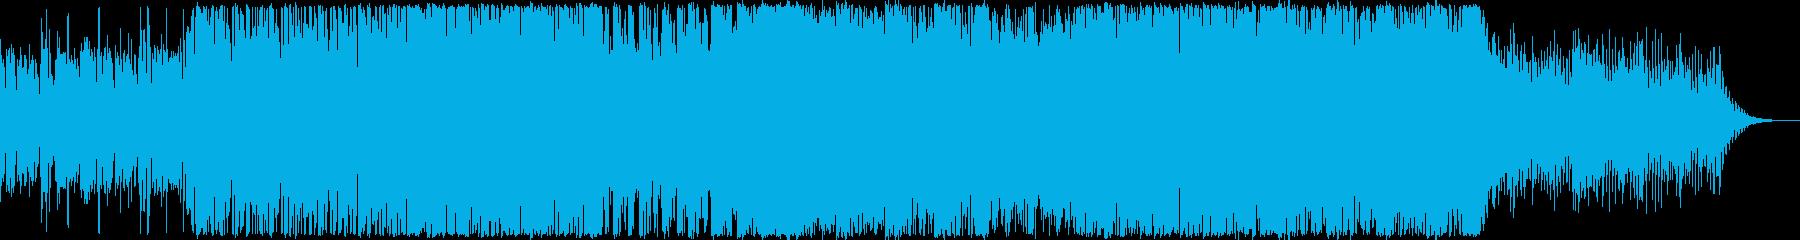 緊張感のあるハードなBGMの再生済みの波形